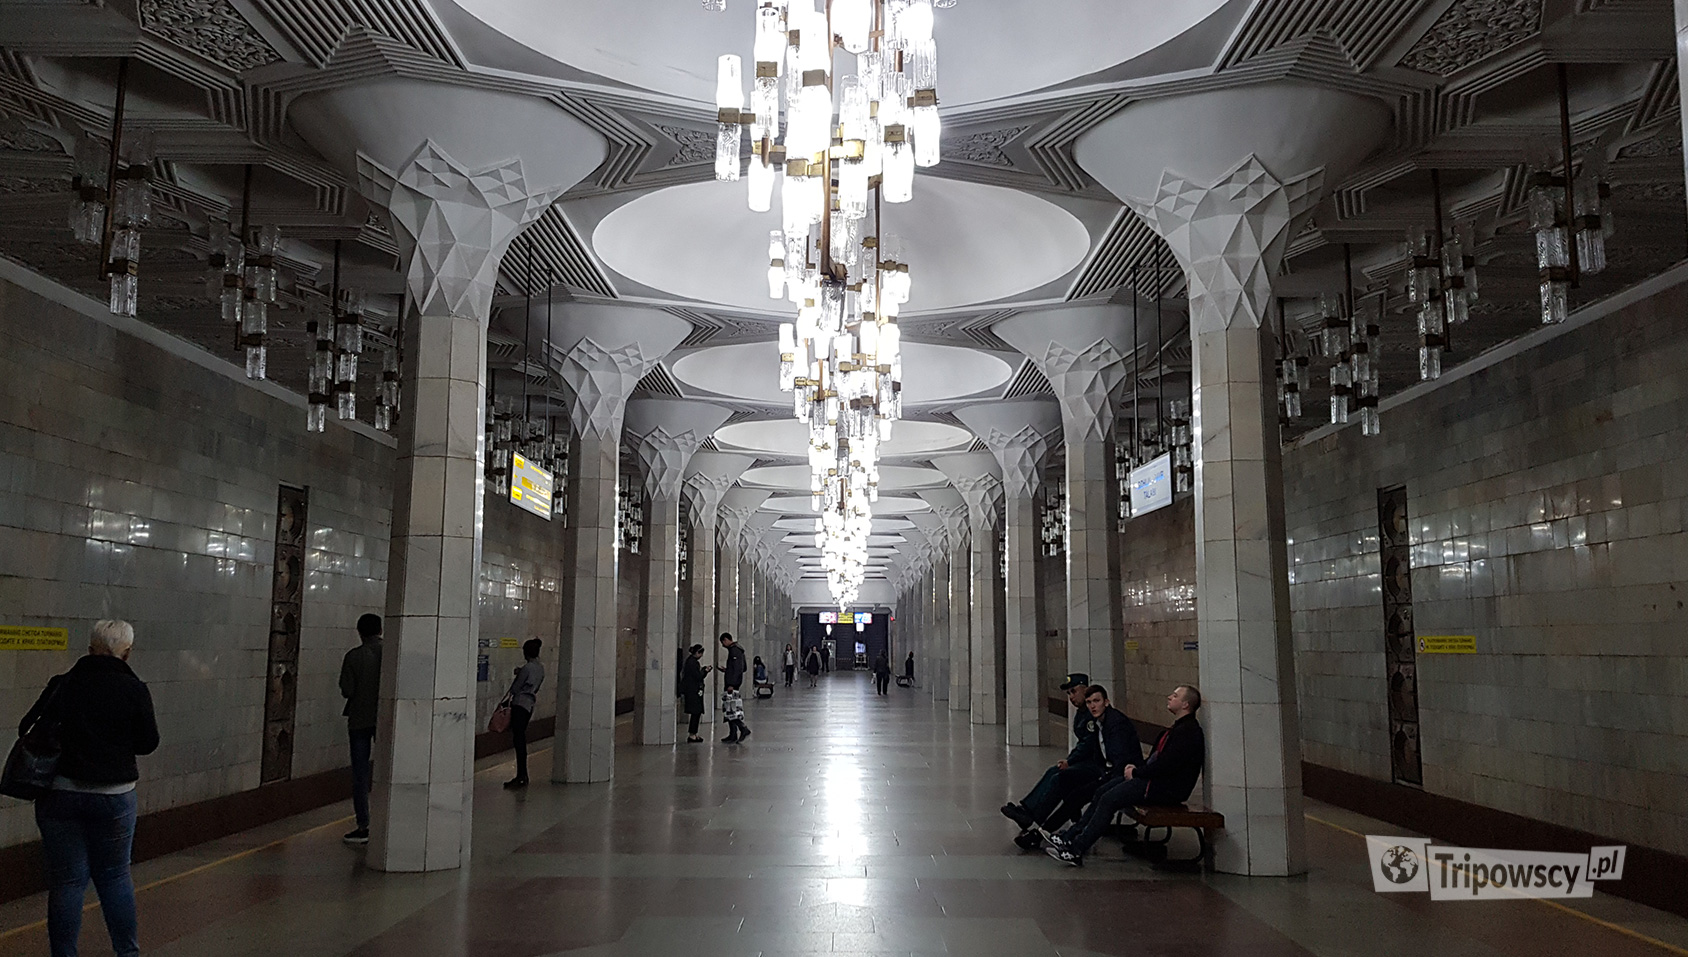 stacja metra w Taszkencie